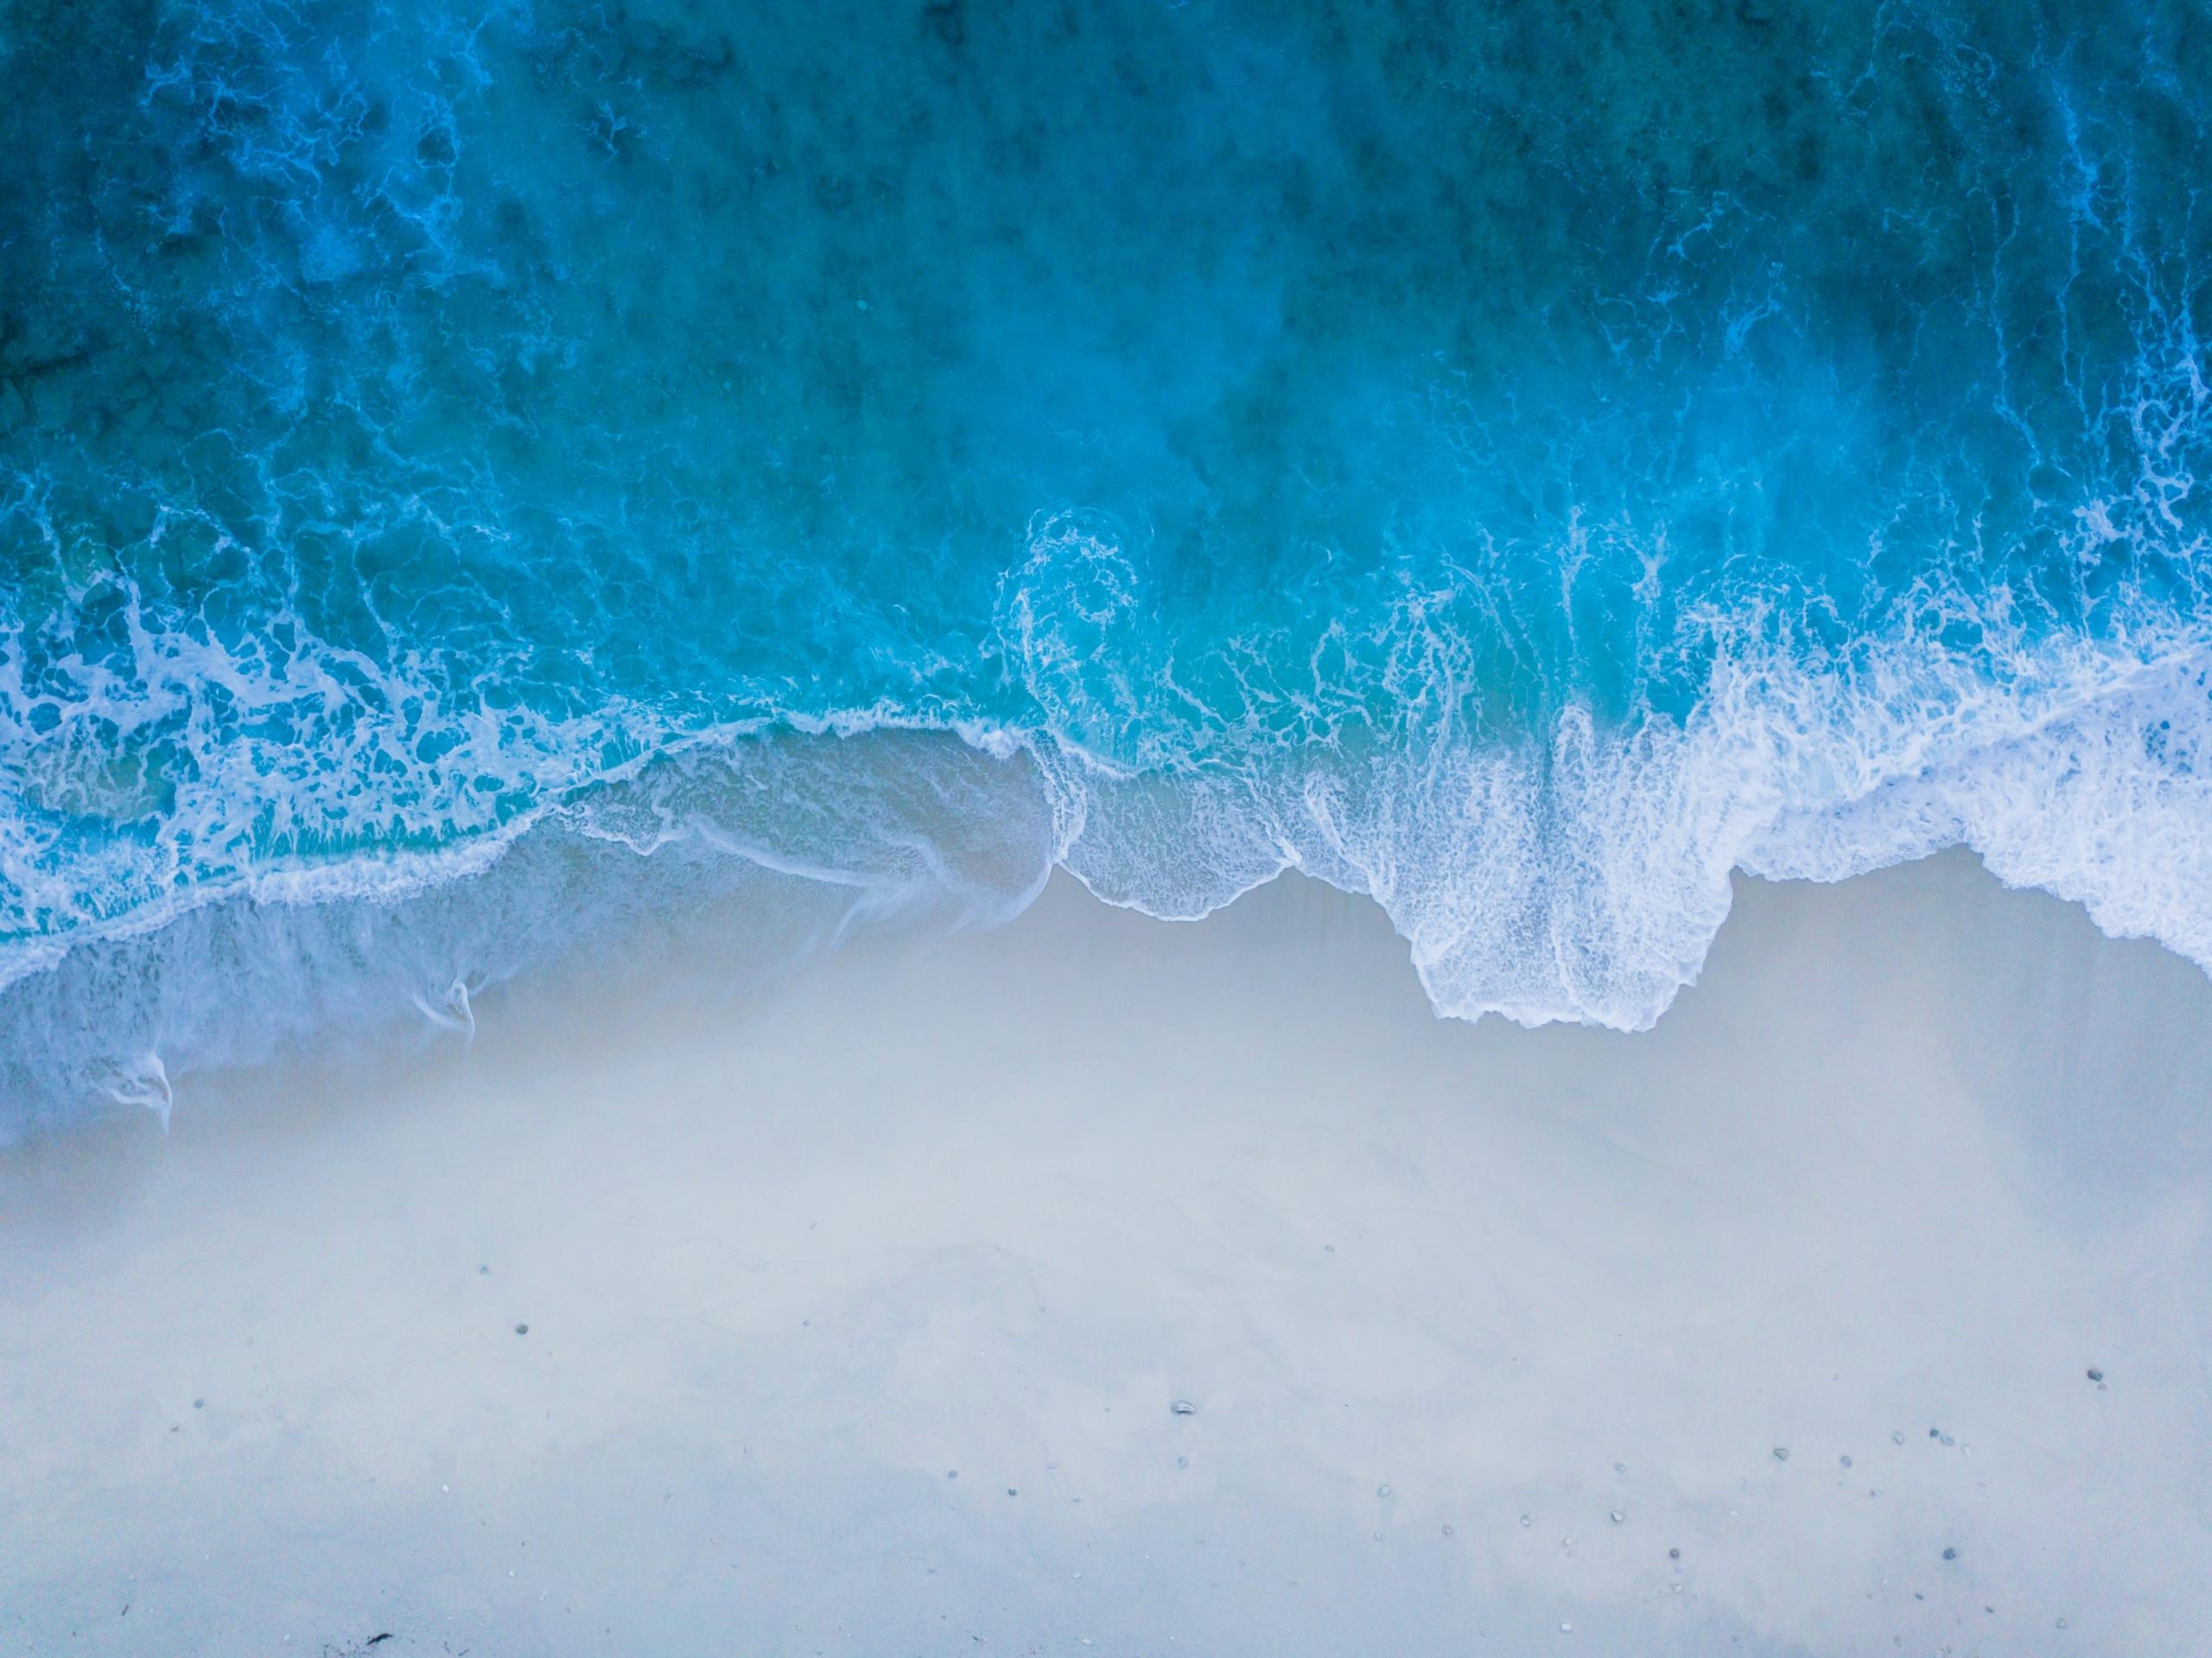 olas que vienen olas que van!